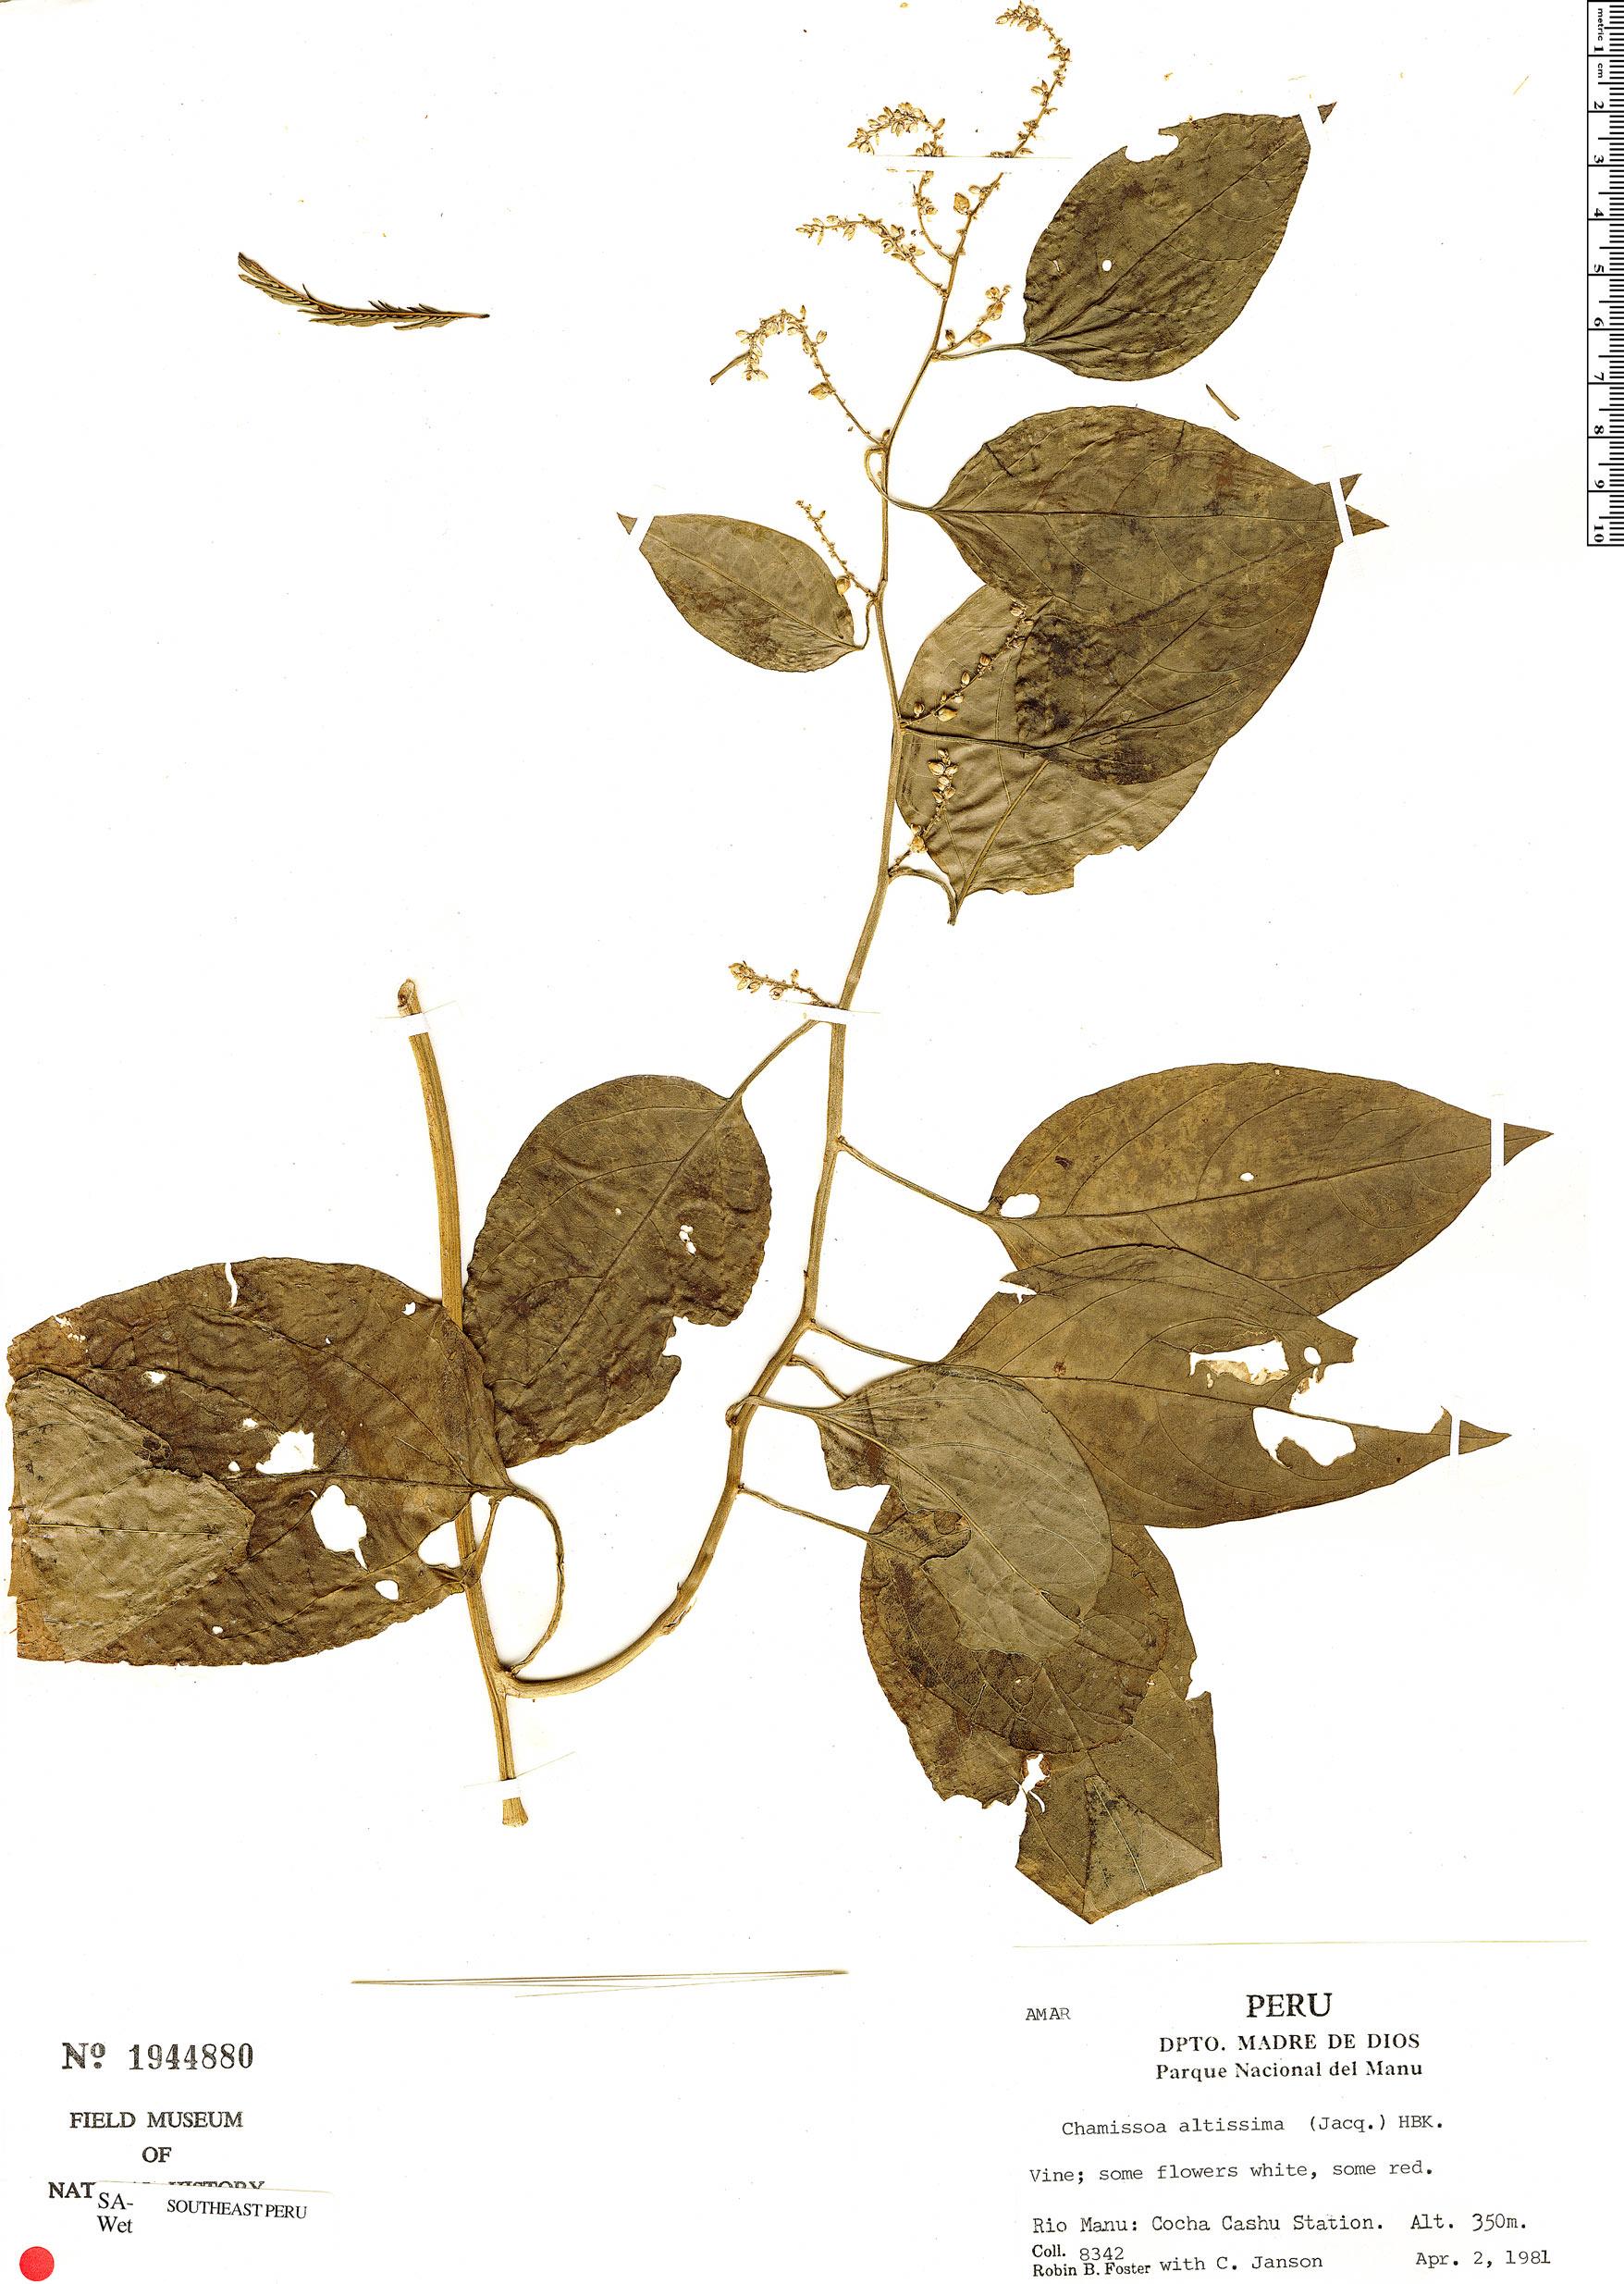 Specimen: Chamissoa altissima